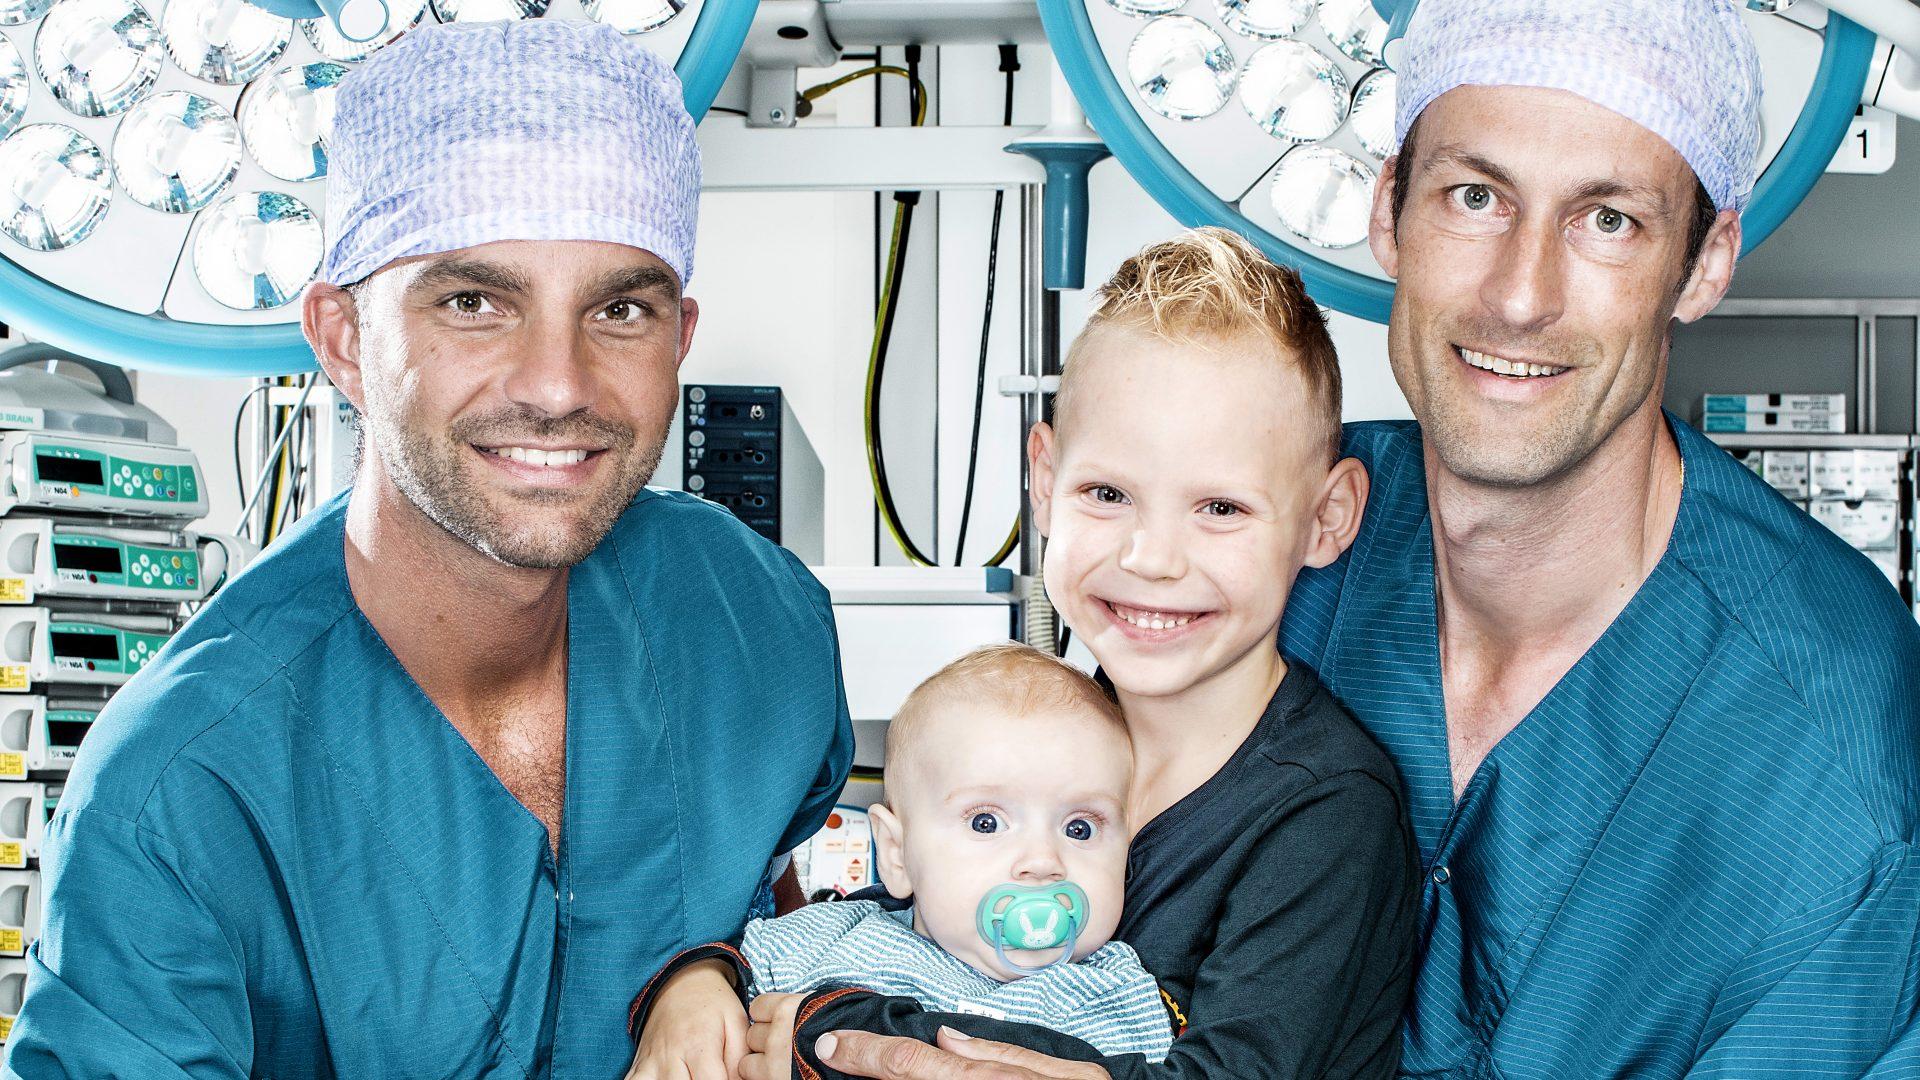 Broertjes Daan en Lev met kinderhartchirurgen Wouter van Leeuwen en Pieter van de Woestijne